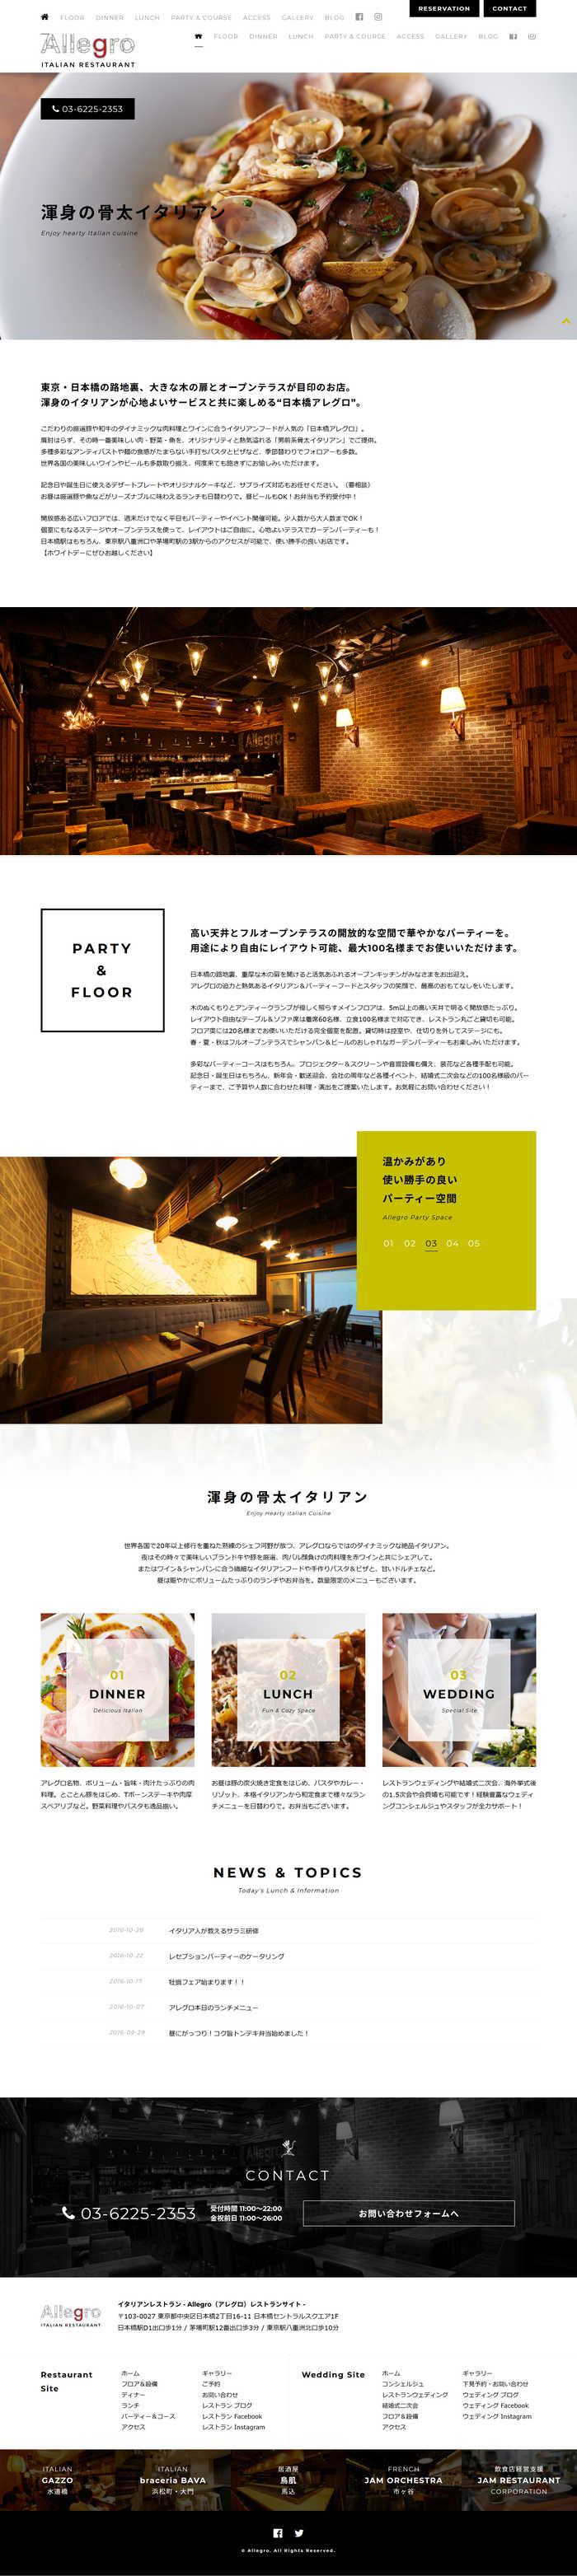 東京・日本橋のイタリアンレストラン「Allegro アレグロ」